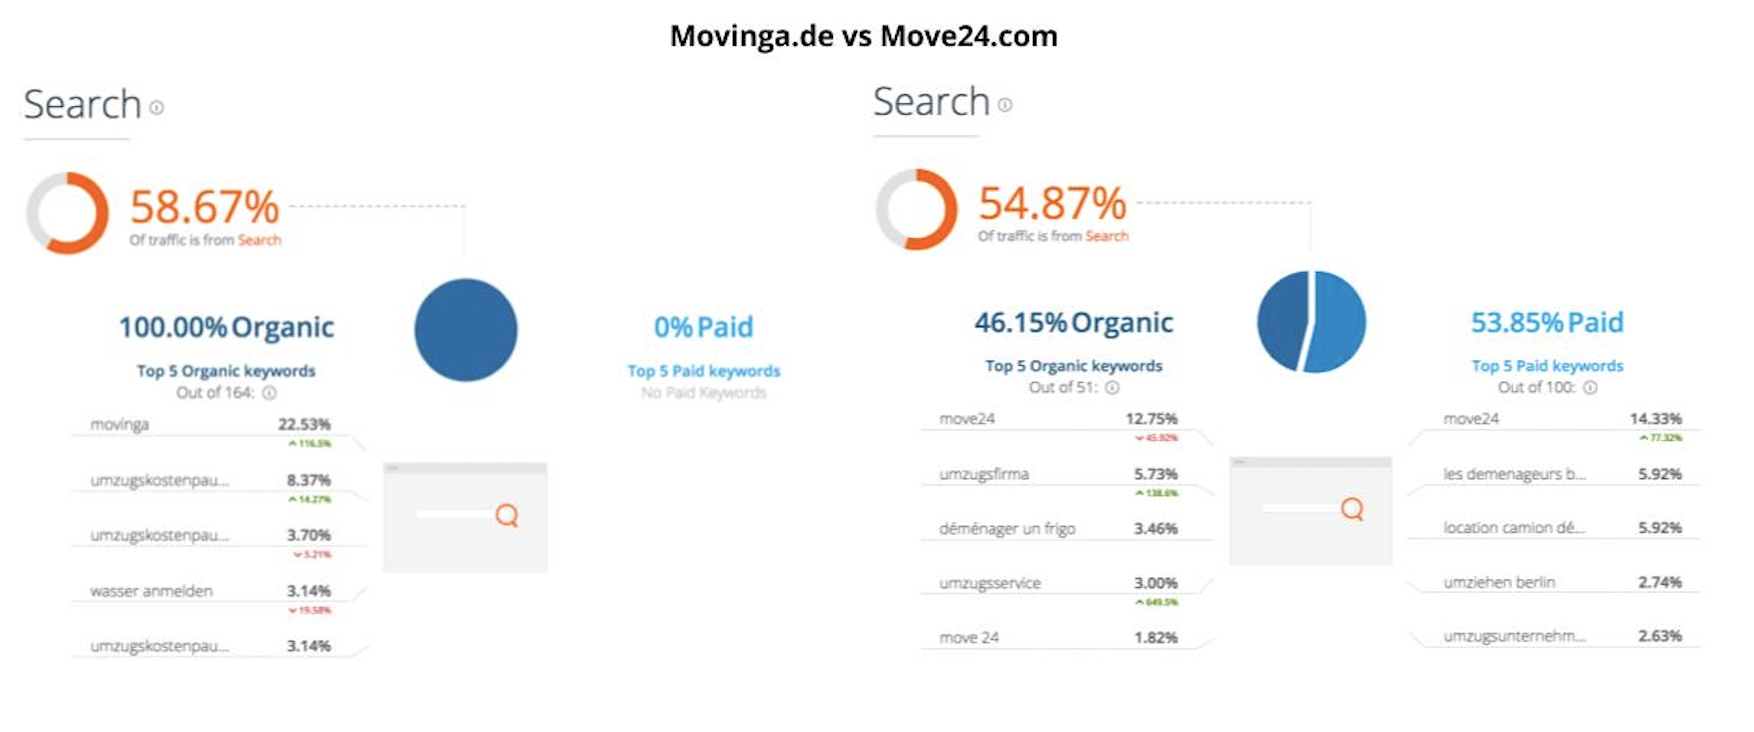 Movinga 13 - Raus aus der Talfahrt - Befindet sich Movinga wieder auf Erfolgskurs?